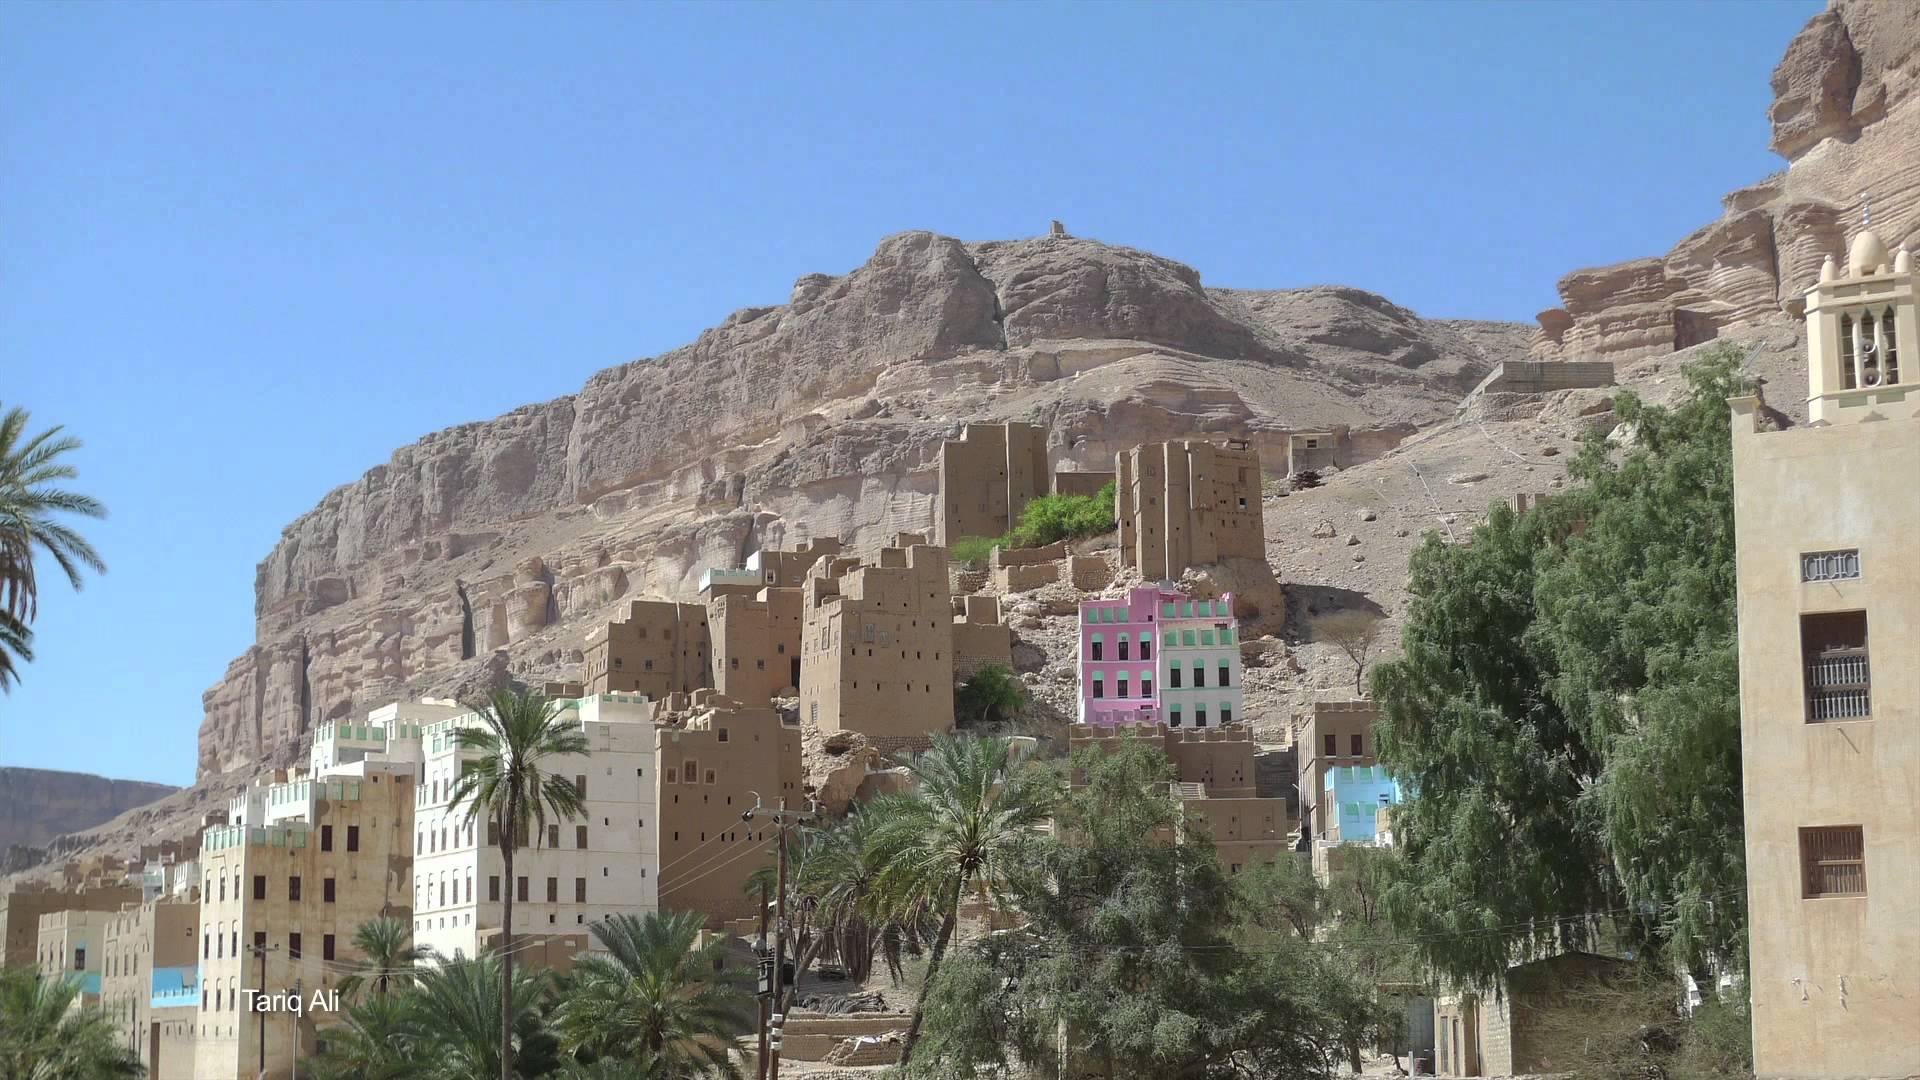 2015: Yemen